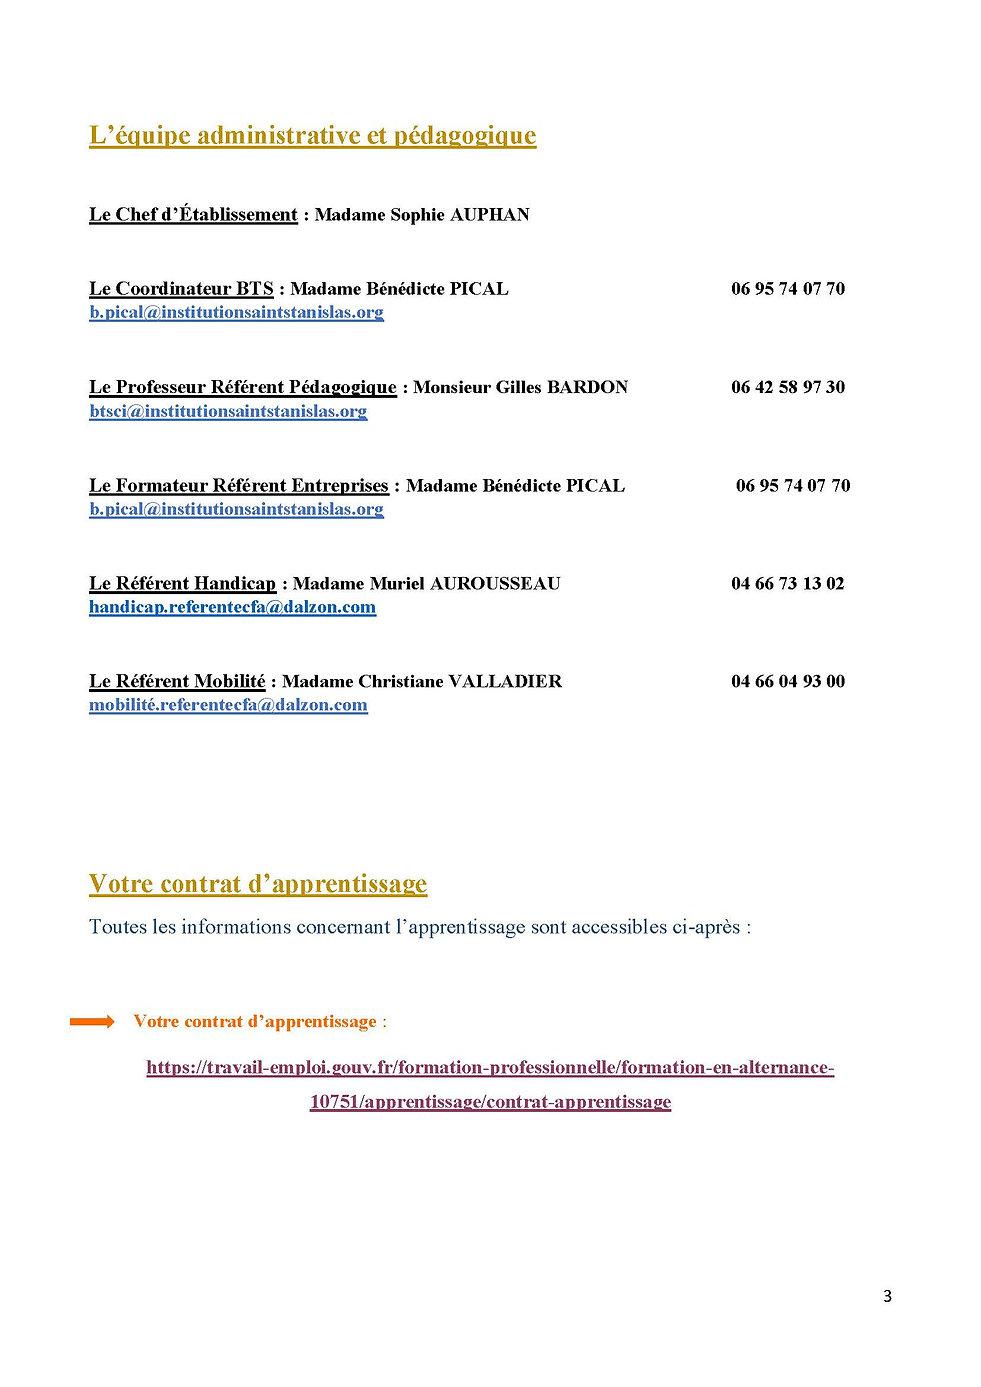 LIVRET D'ACCUEIL BTS CI_Page_03.jpg